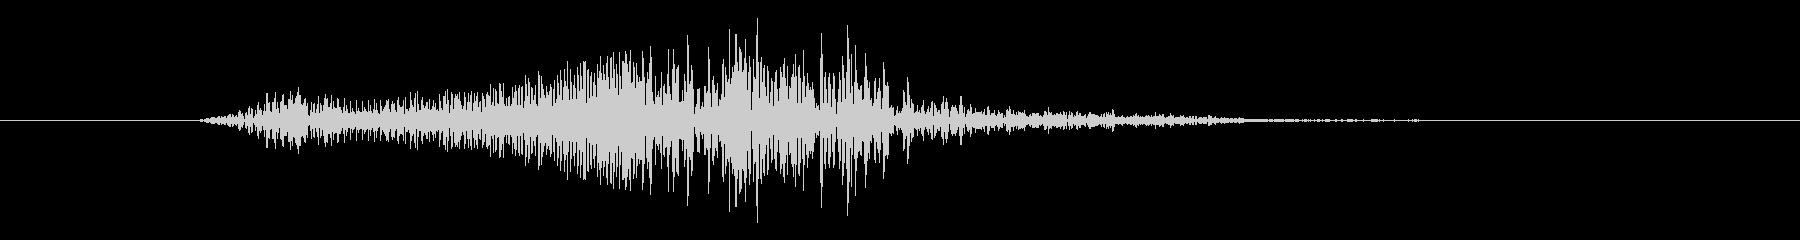 鳴き声 男性ファイト02の未再生の波形